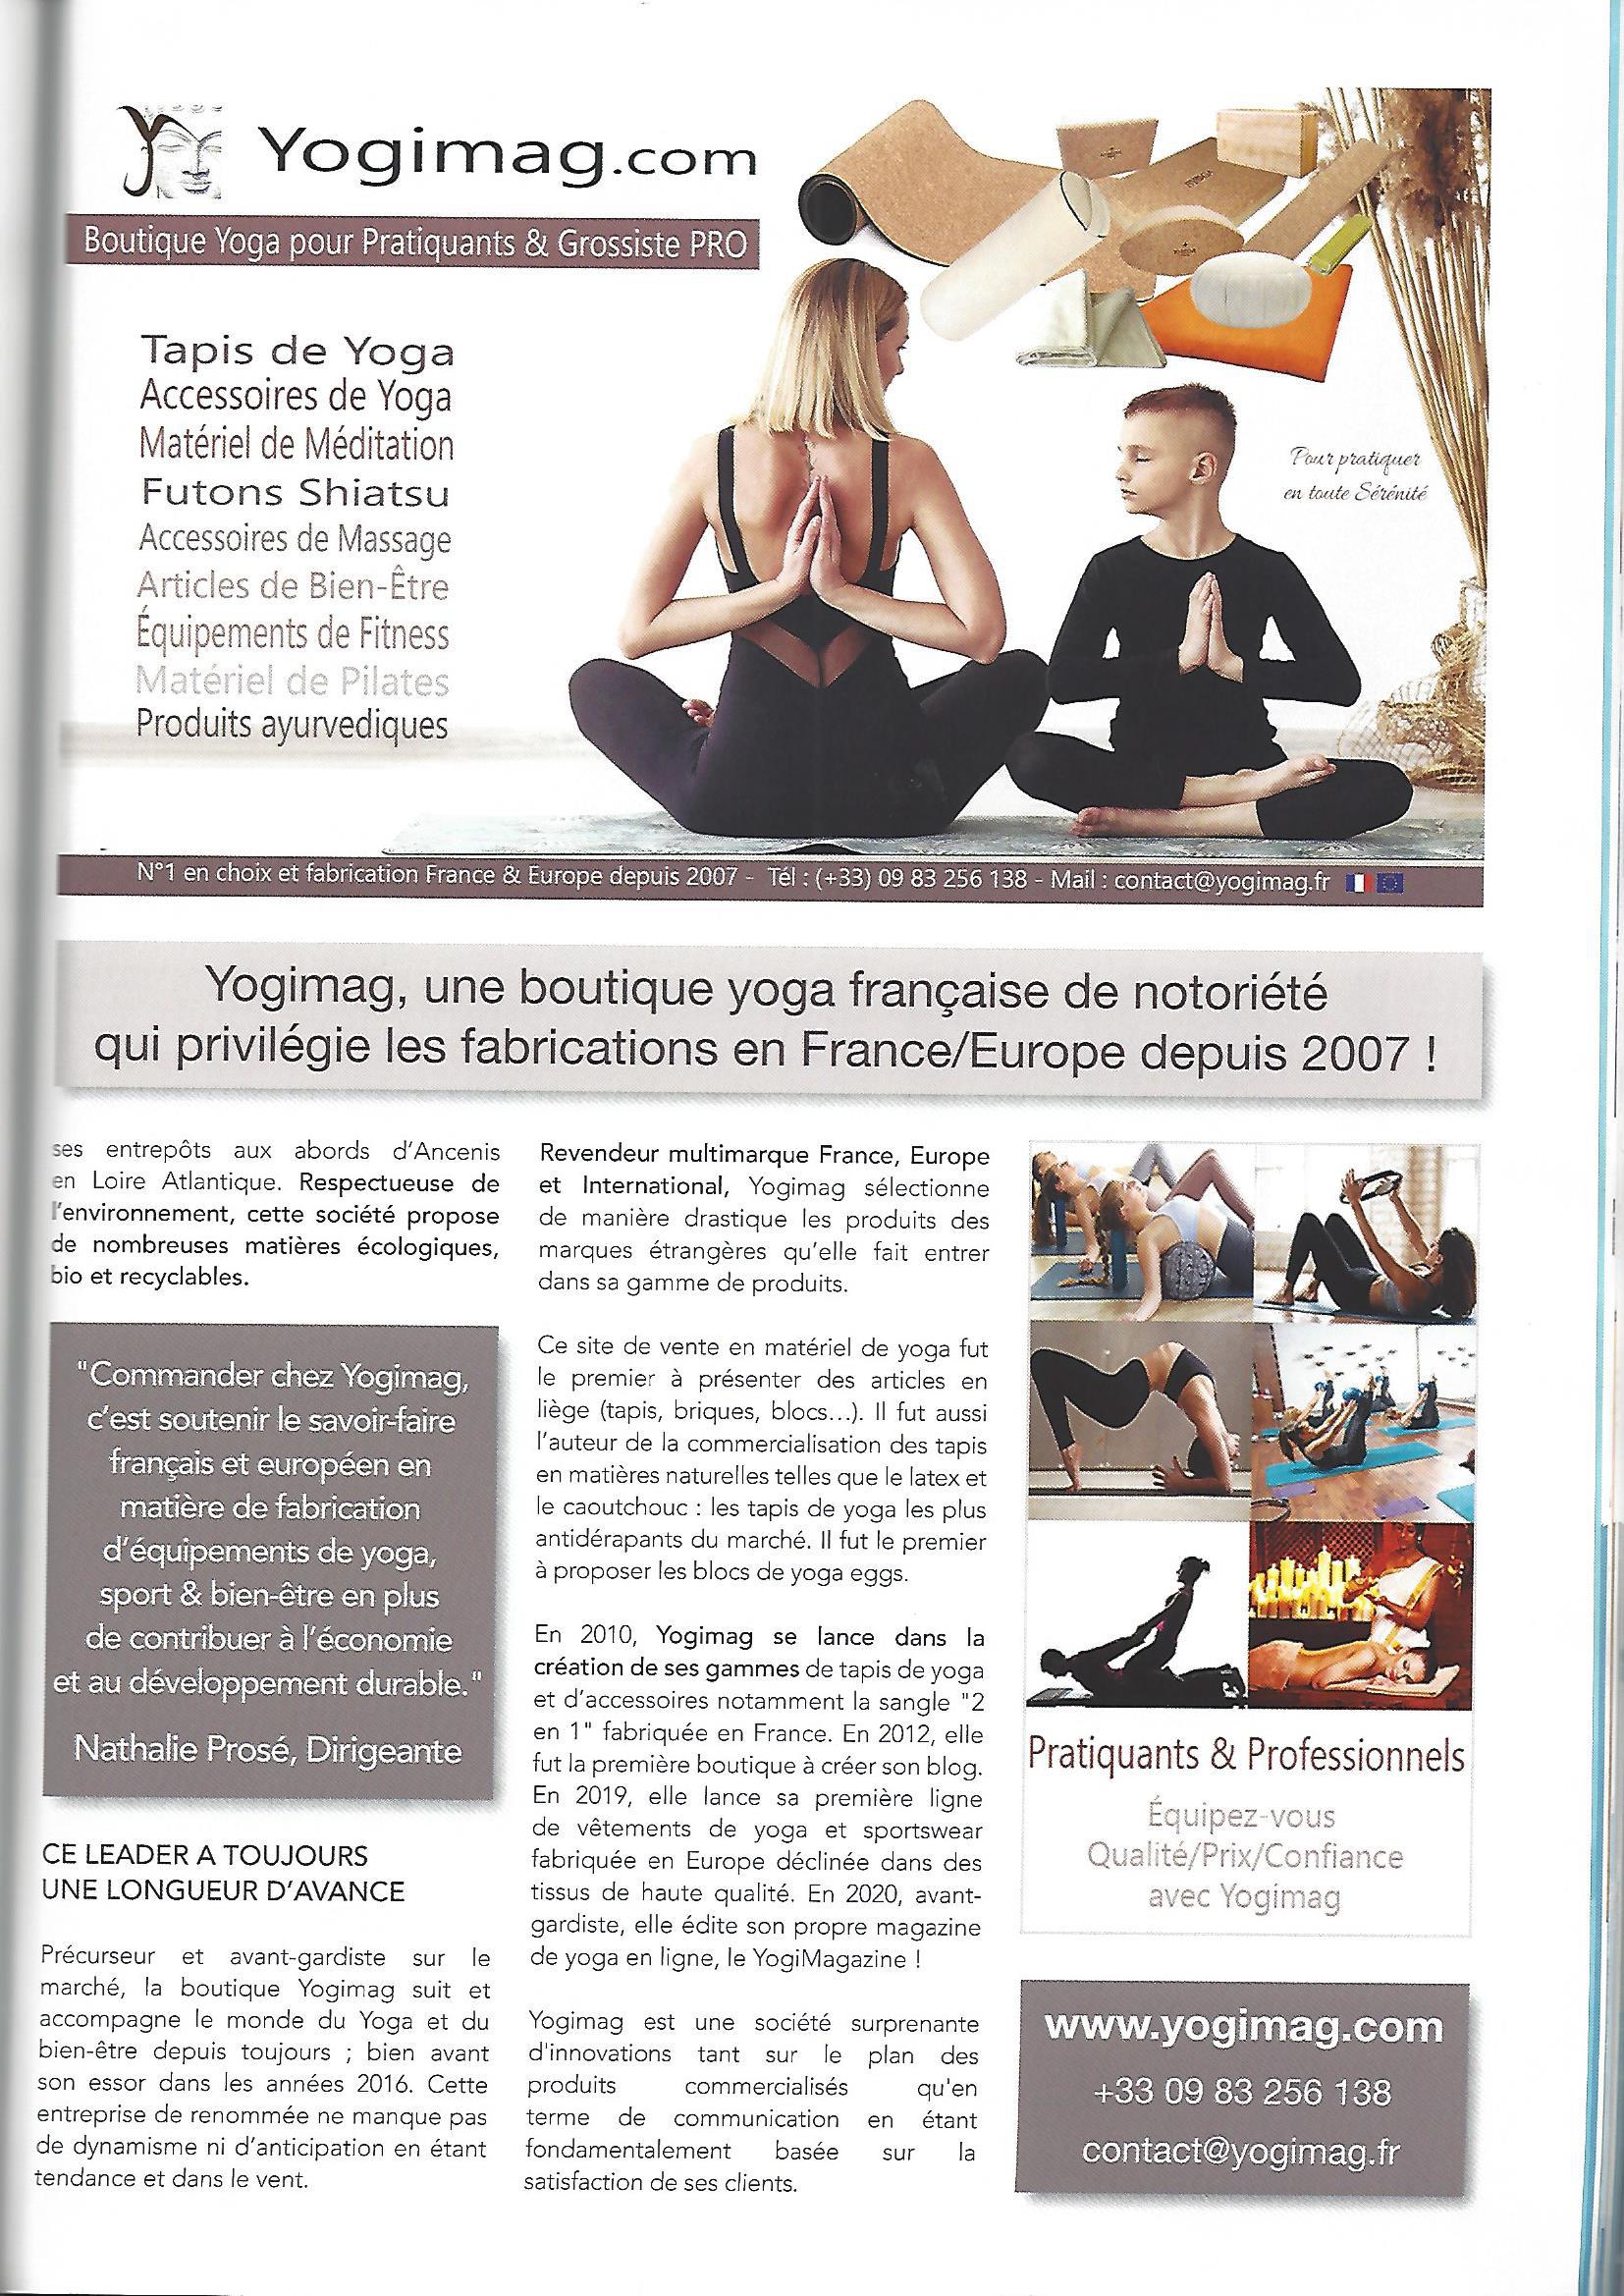 La boutique yoga Yogimag dans Médical Magazine